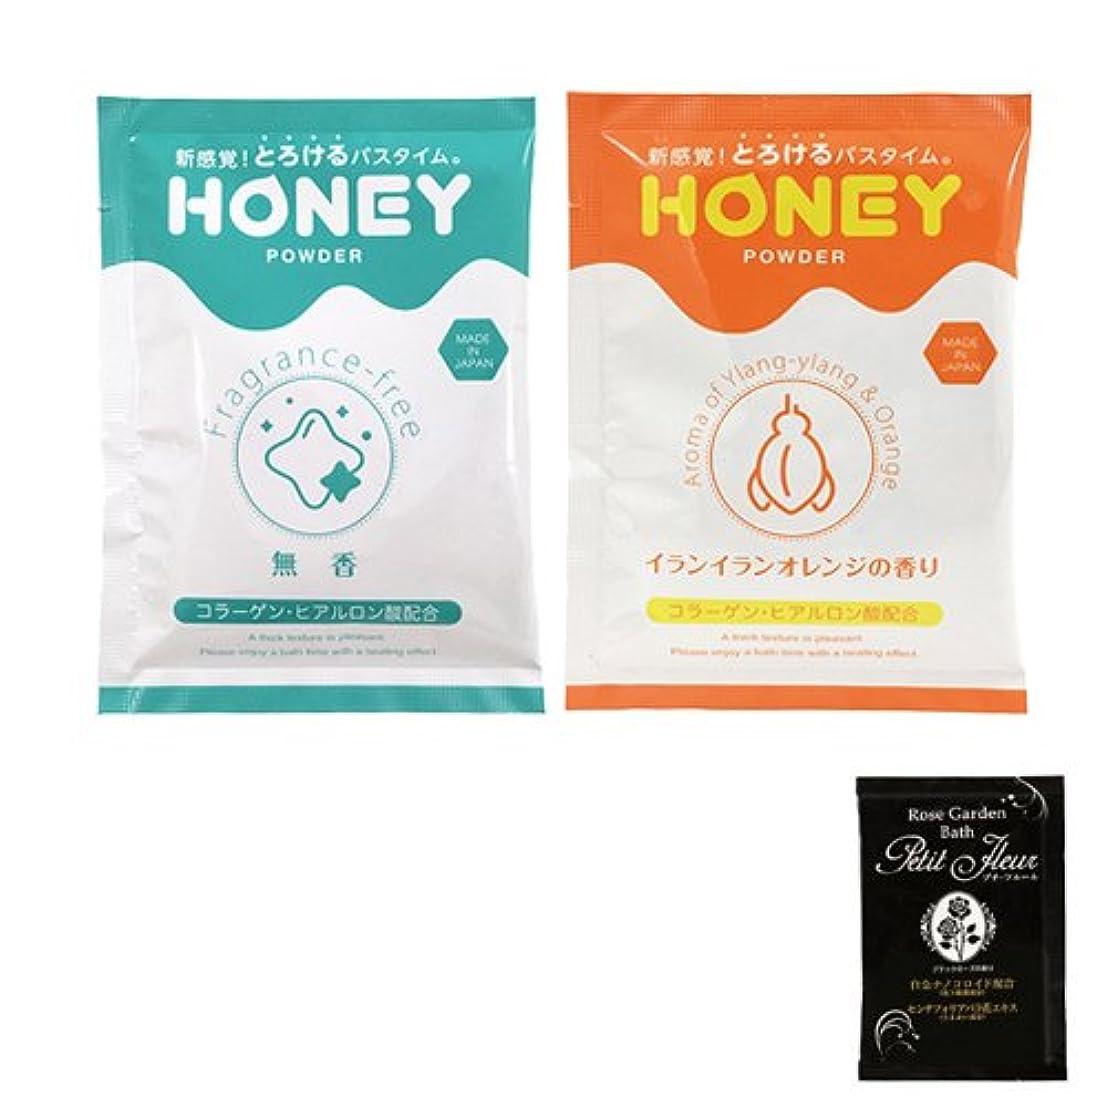 不機嫌開梱霧とろとろ入浴剤【honey powder】粉末タイプ イランイランオレンジの香り + 無香 + 入浴剤(プチフルール)1回分